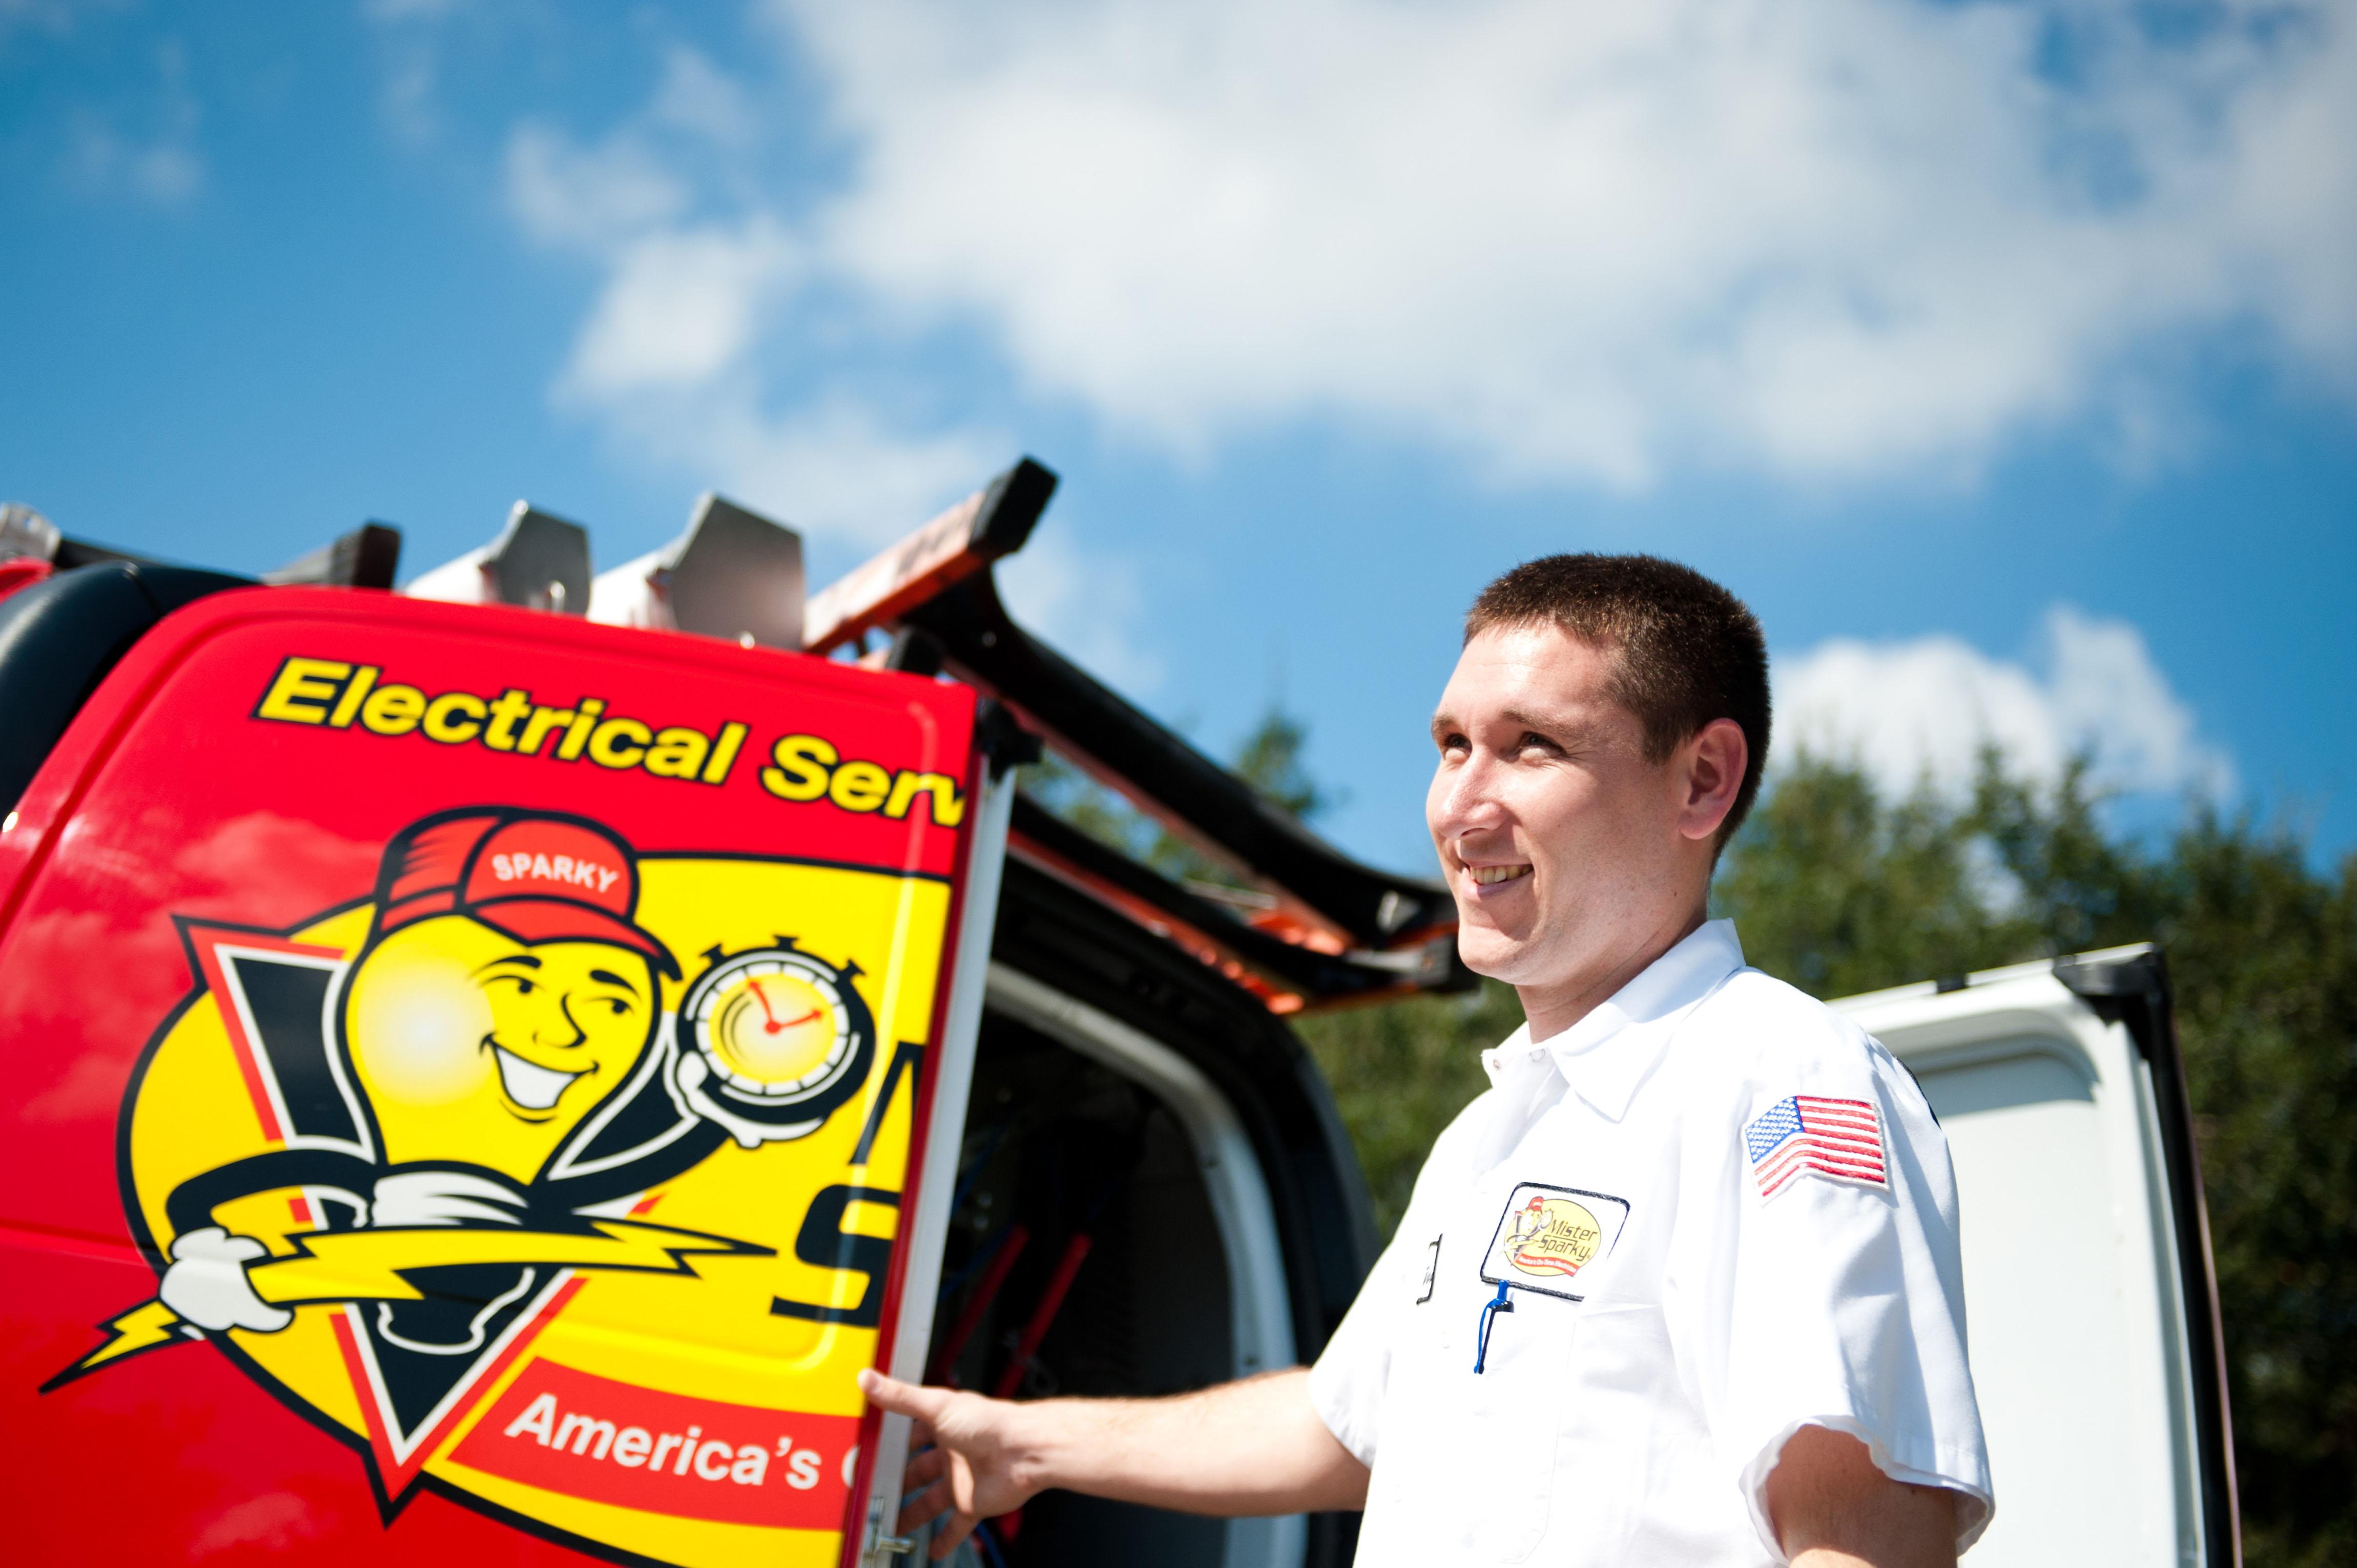 Mister Sparky Electrician Katy image 4